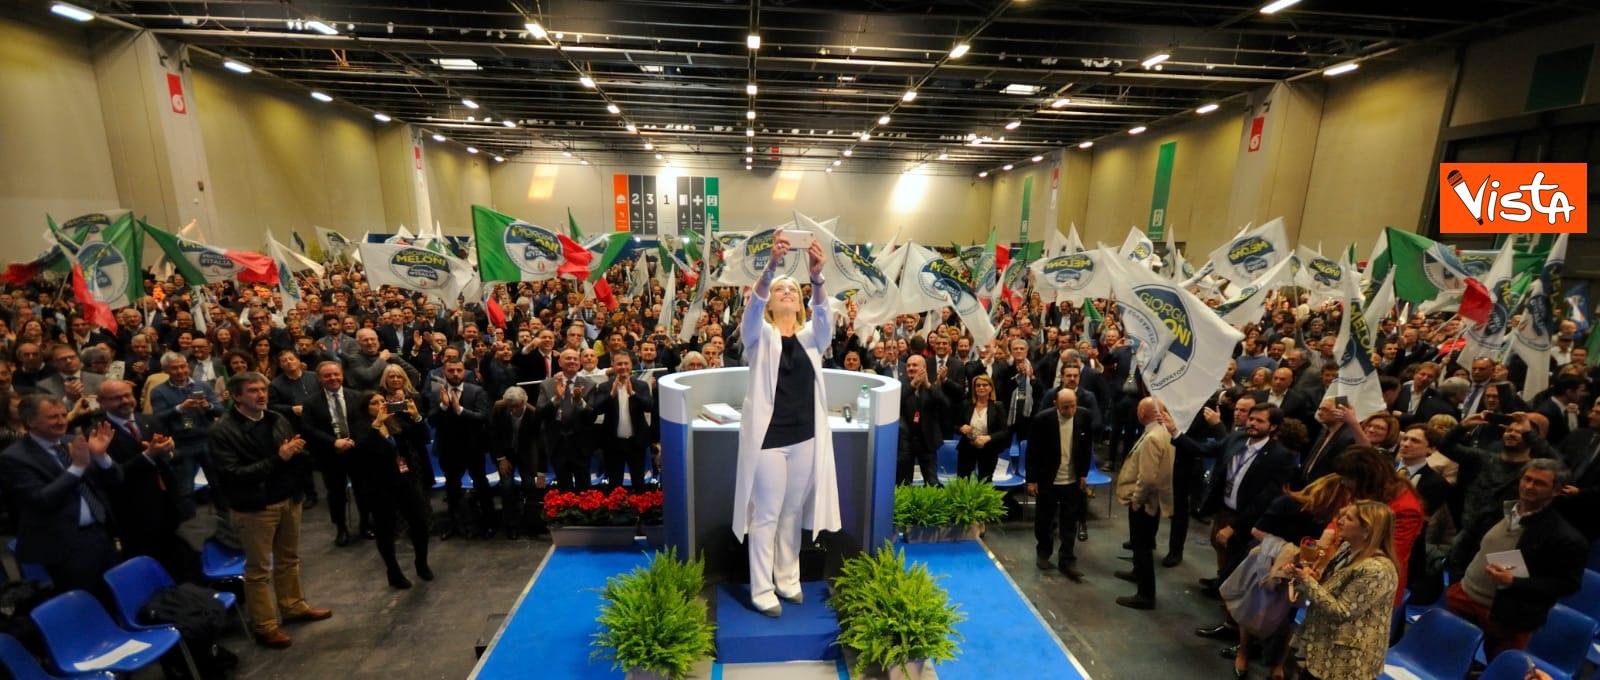 14-04-19 Europee la Meloni con4FdI parte da Torino con la conferenza programmatica_04